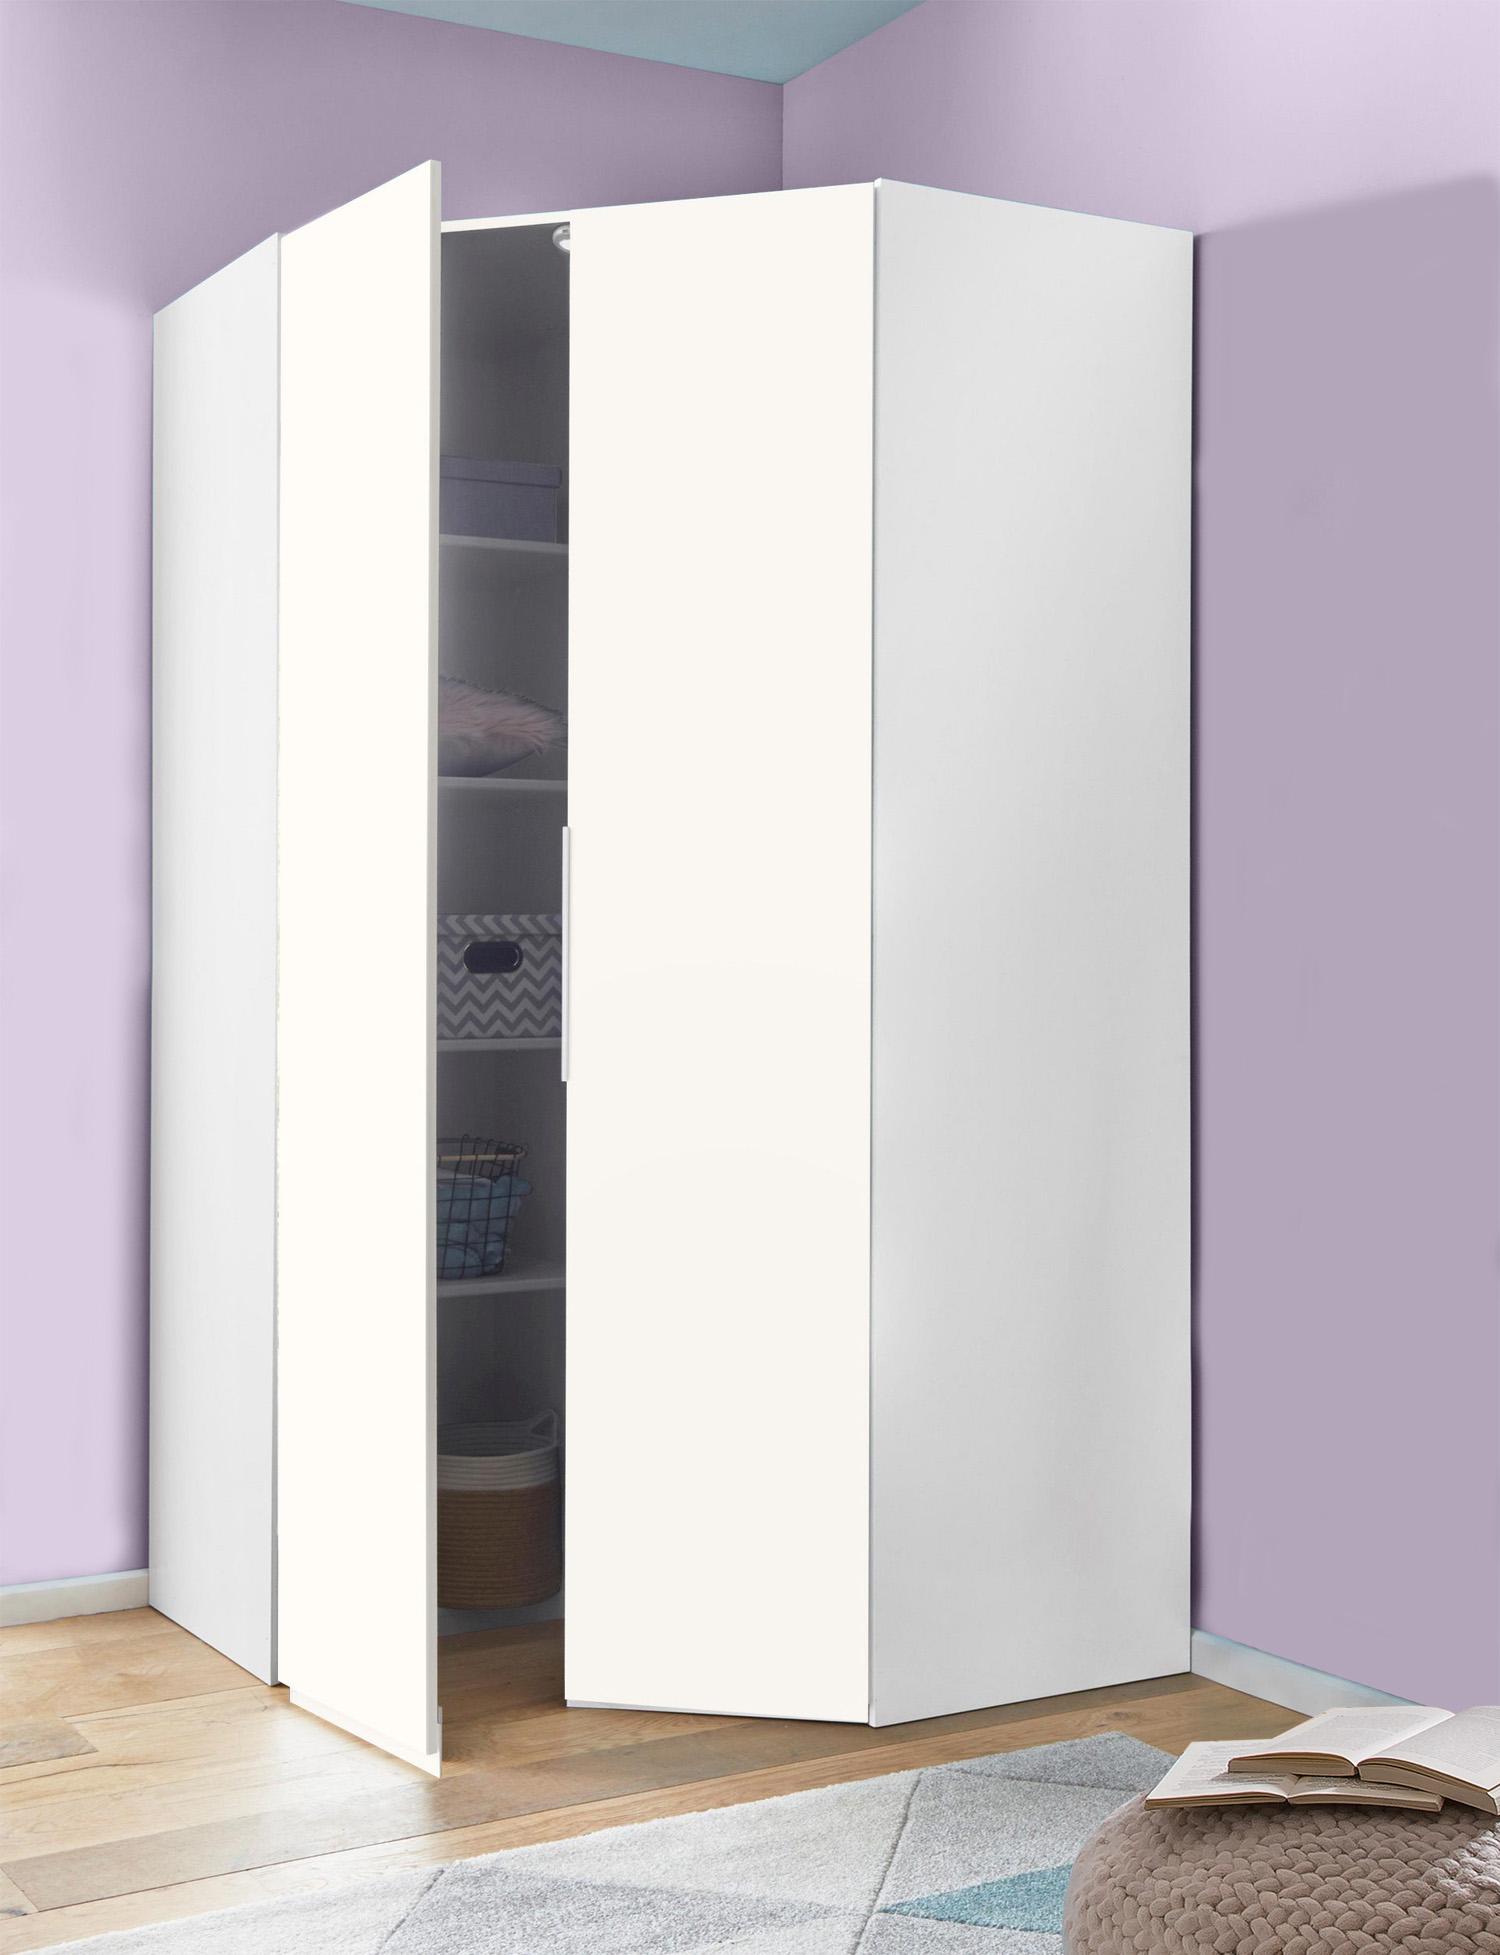 Eckschrank Kleiderschrank Level 18x18cm weiß Schlafzimmer